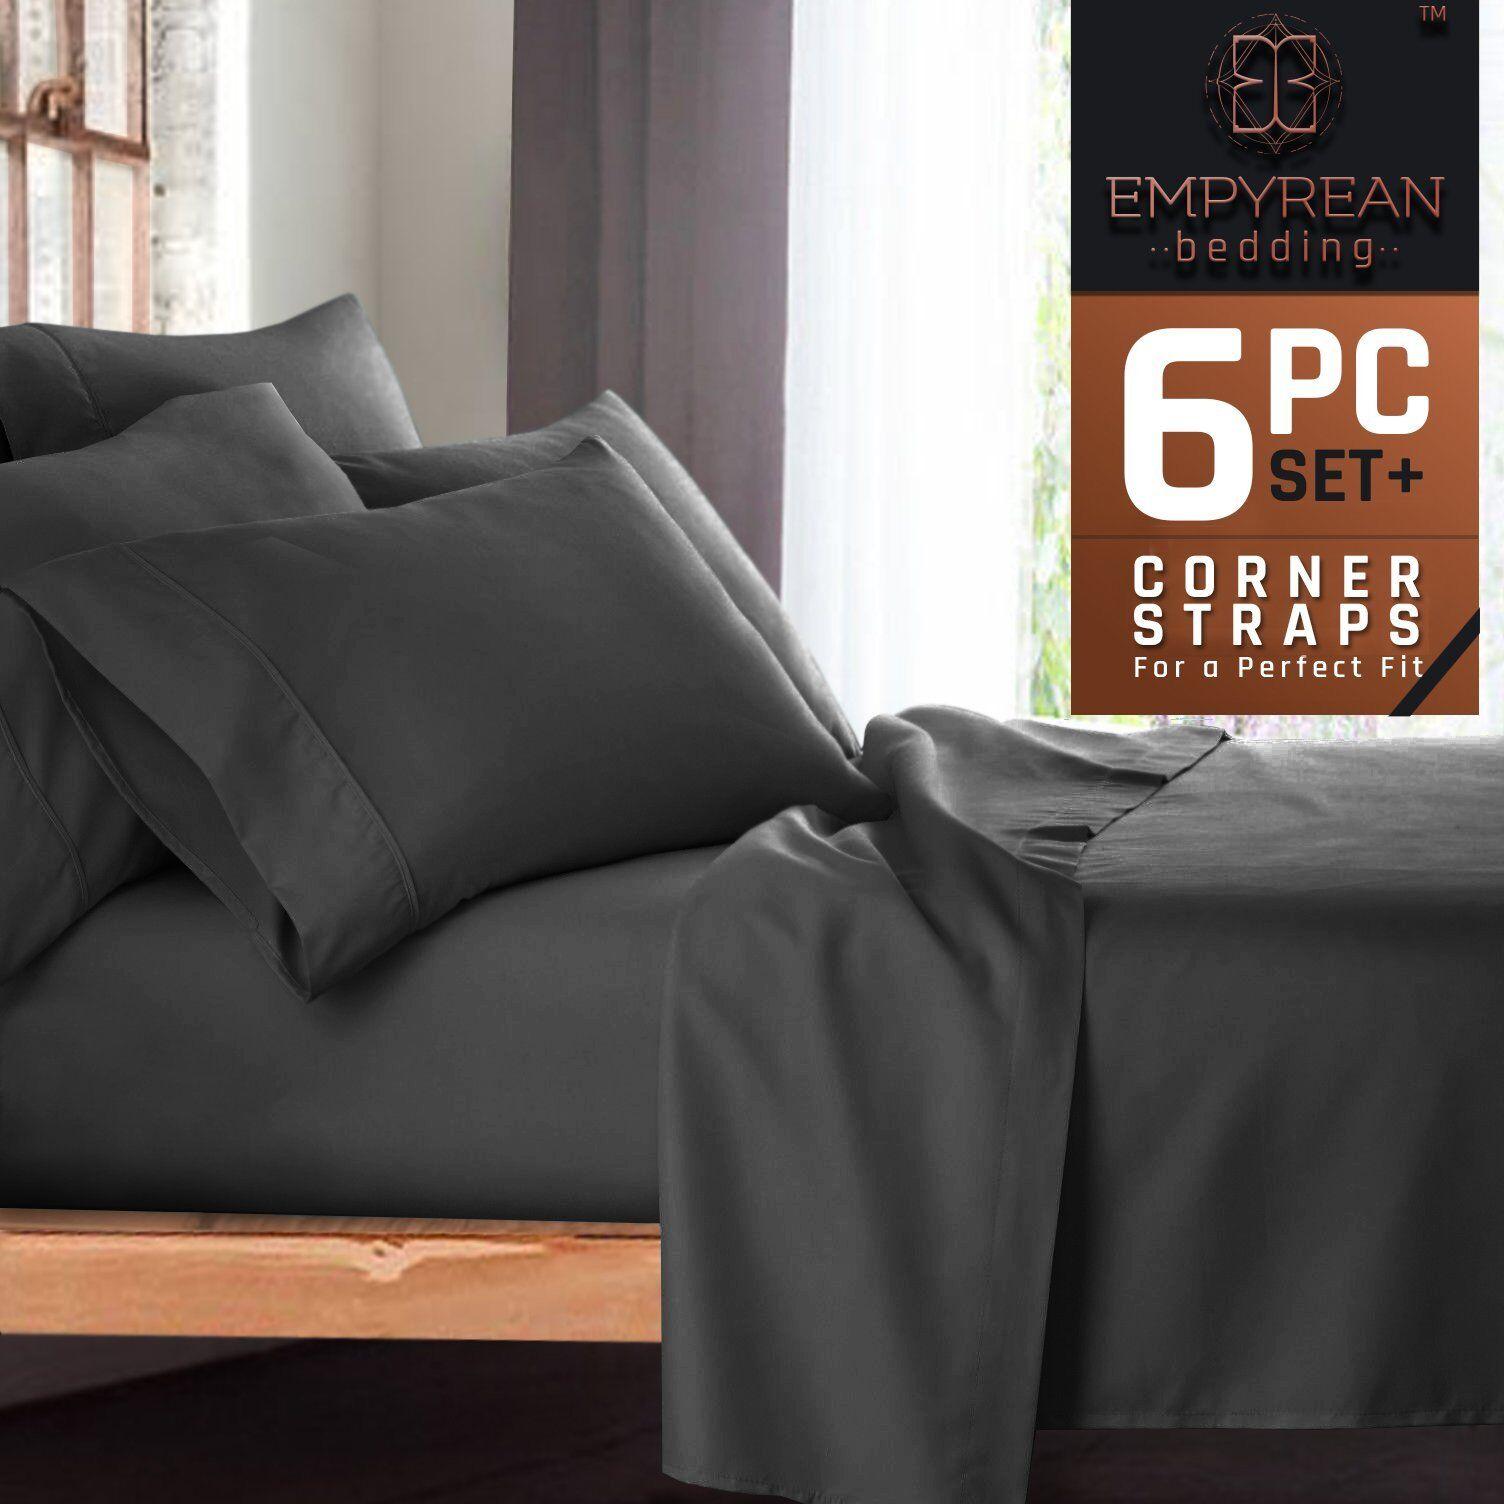 Premium 6-Piece Bed Sheet  Pillow Case Set – Luxurious  Soft Queen Size Linen,